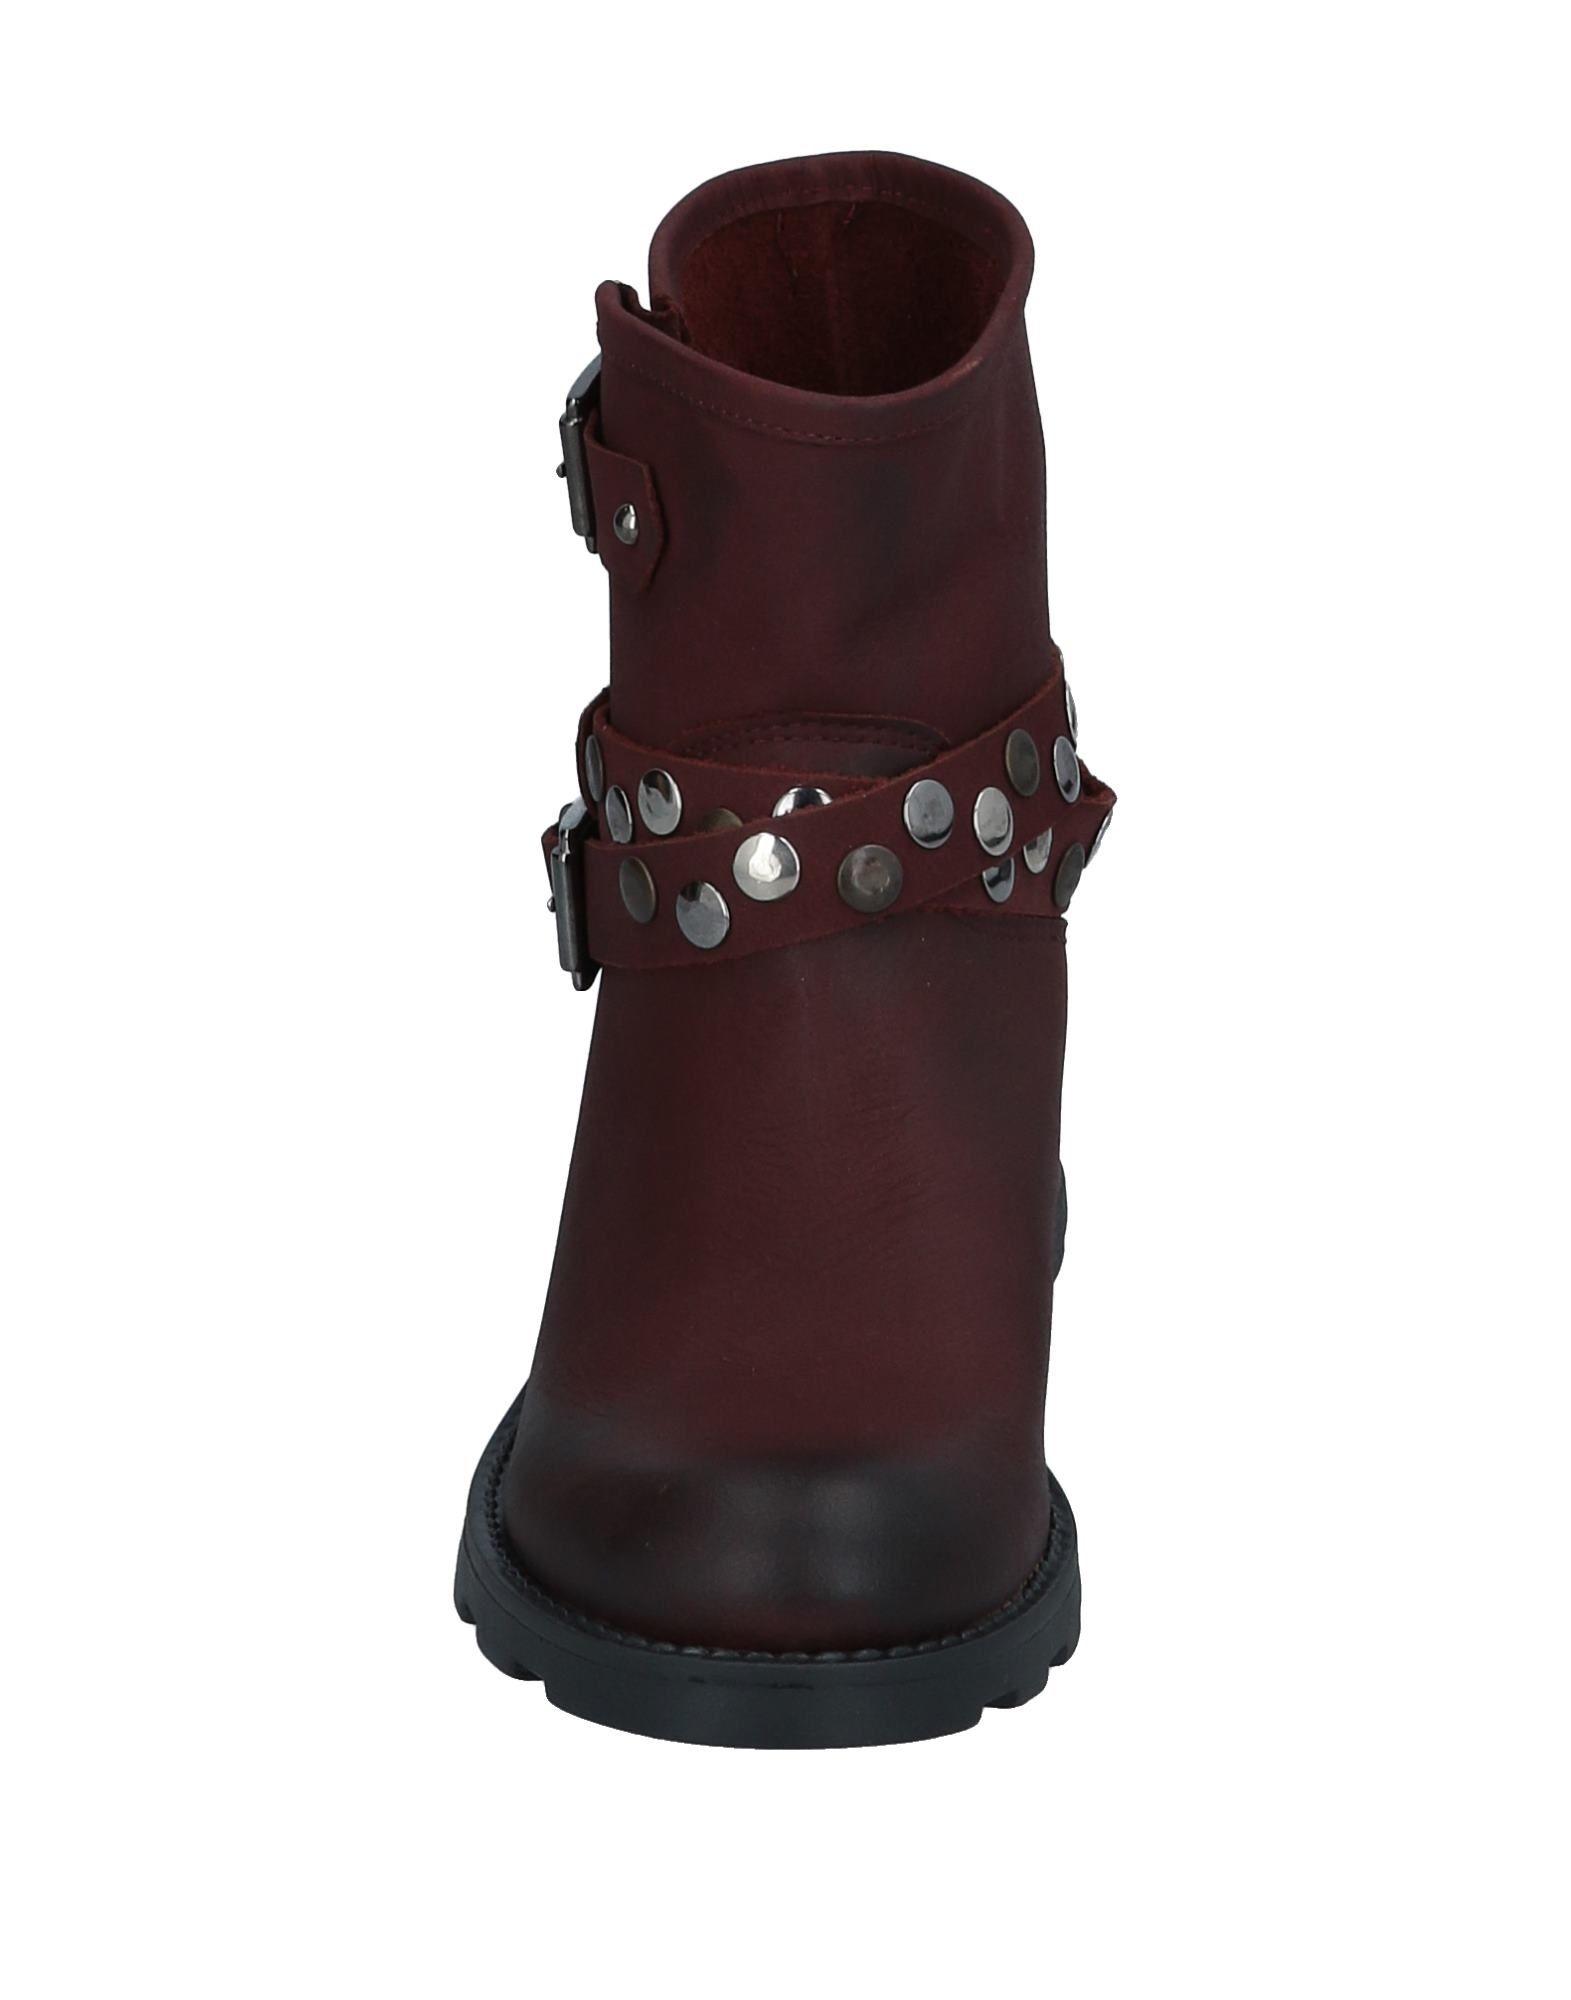 Unlace Stiefelette Damen Qualität  11522664DU Gute Qualität Damen beliebte Schuhe 4fb28b